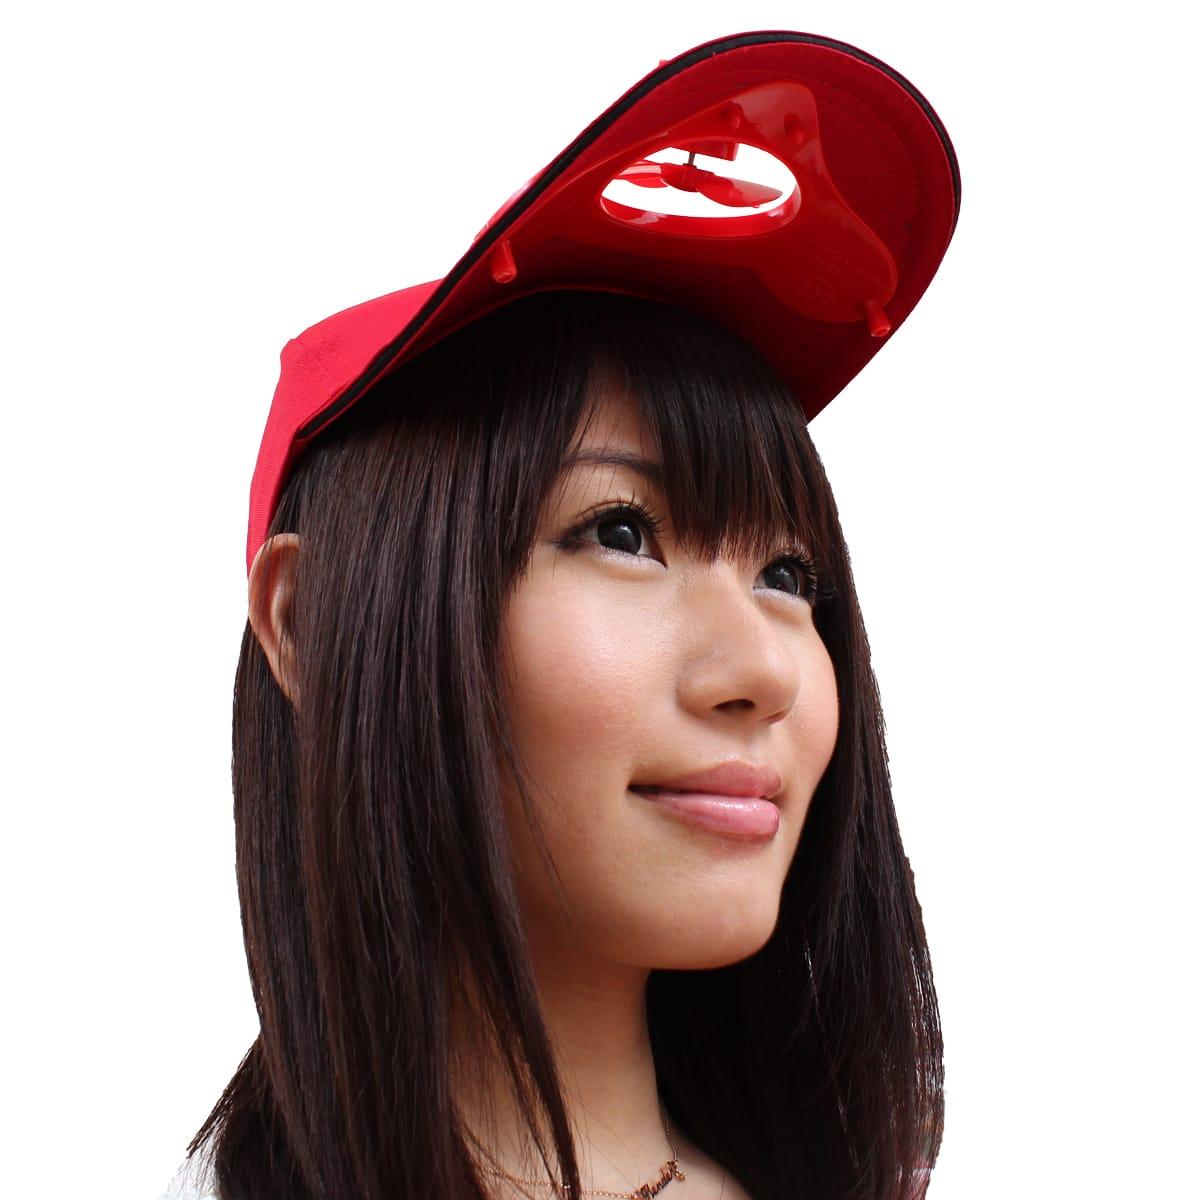 solar-powered-fan-cap